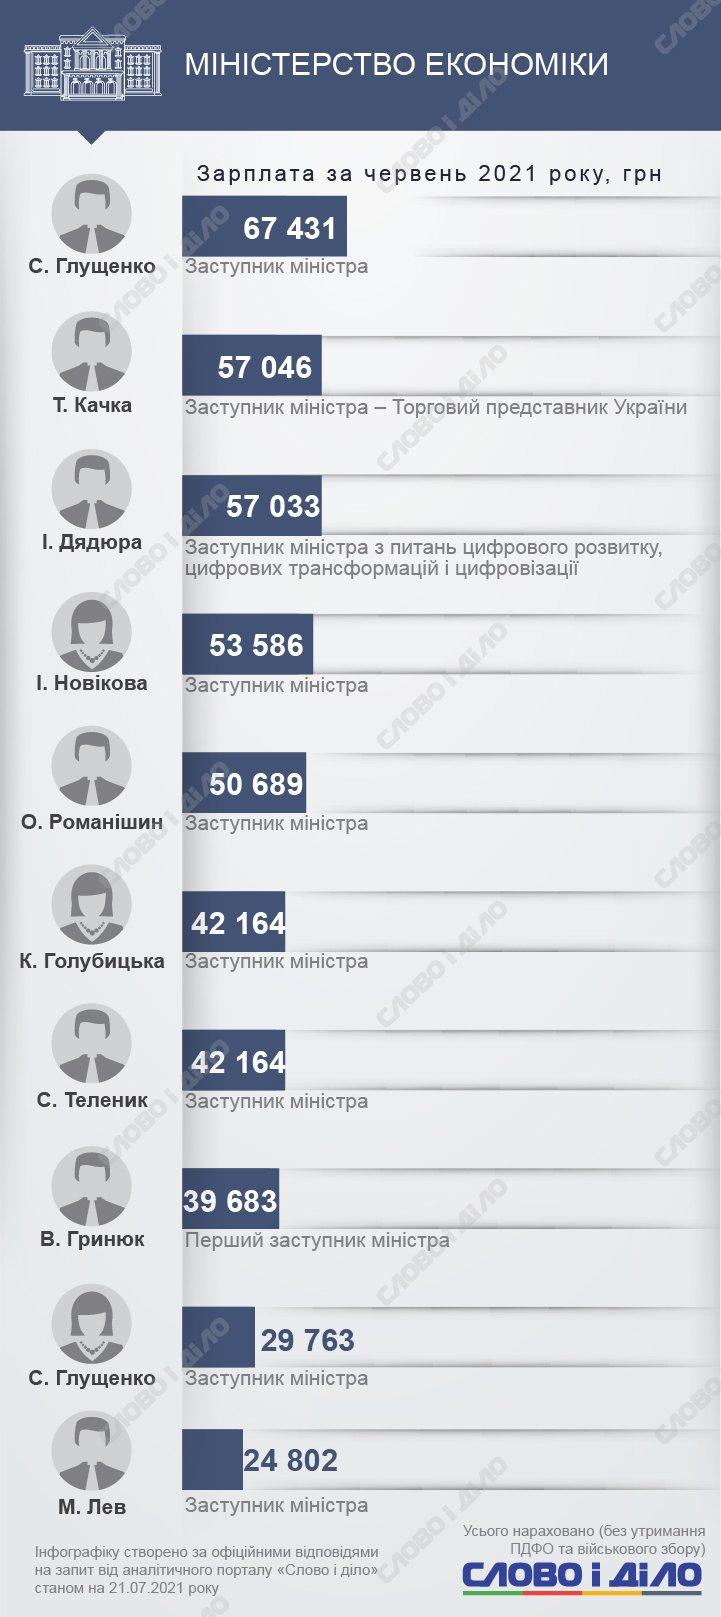 Серед міністрів найвища зарплата в червні була у Марини Лазебної, а серед заступників – у Ігоря Старобінського.